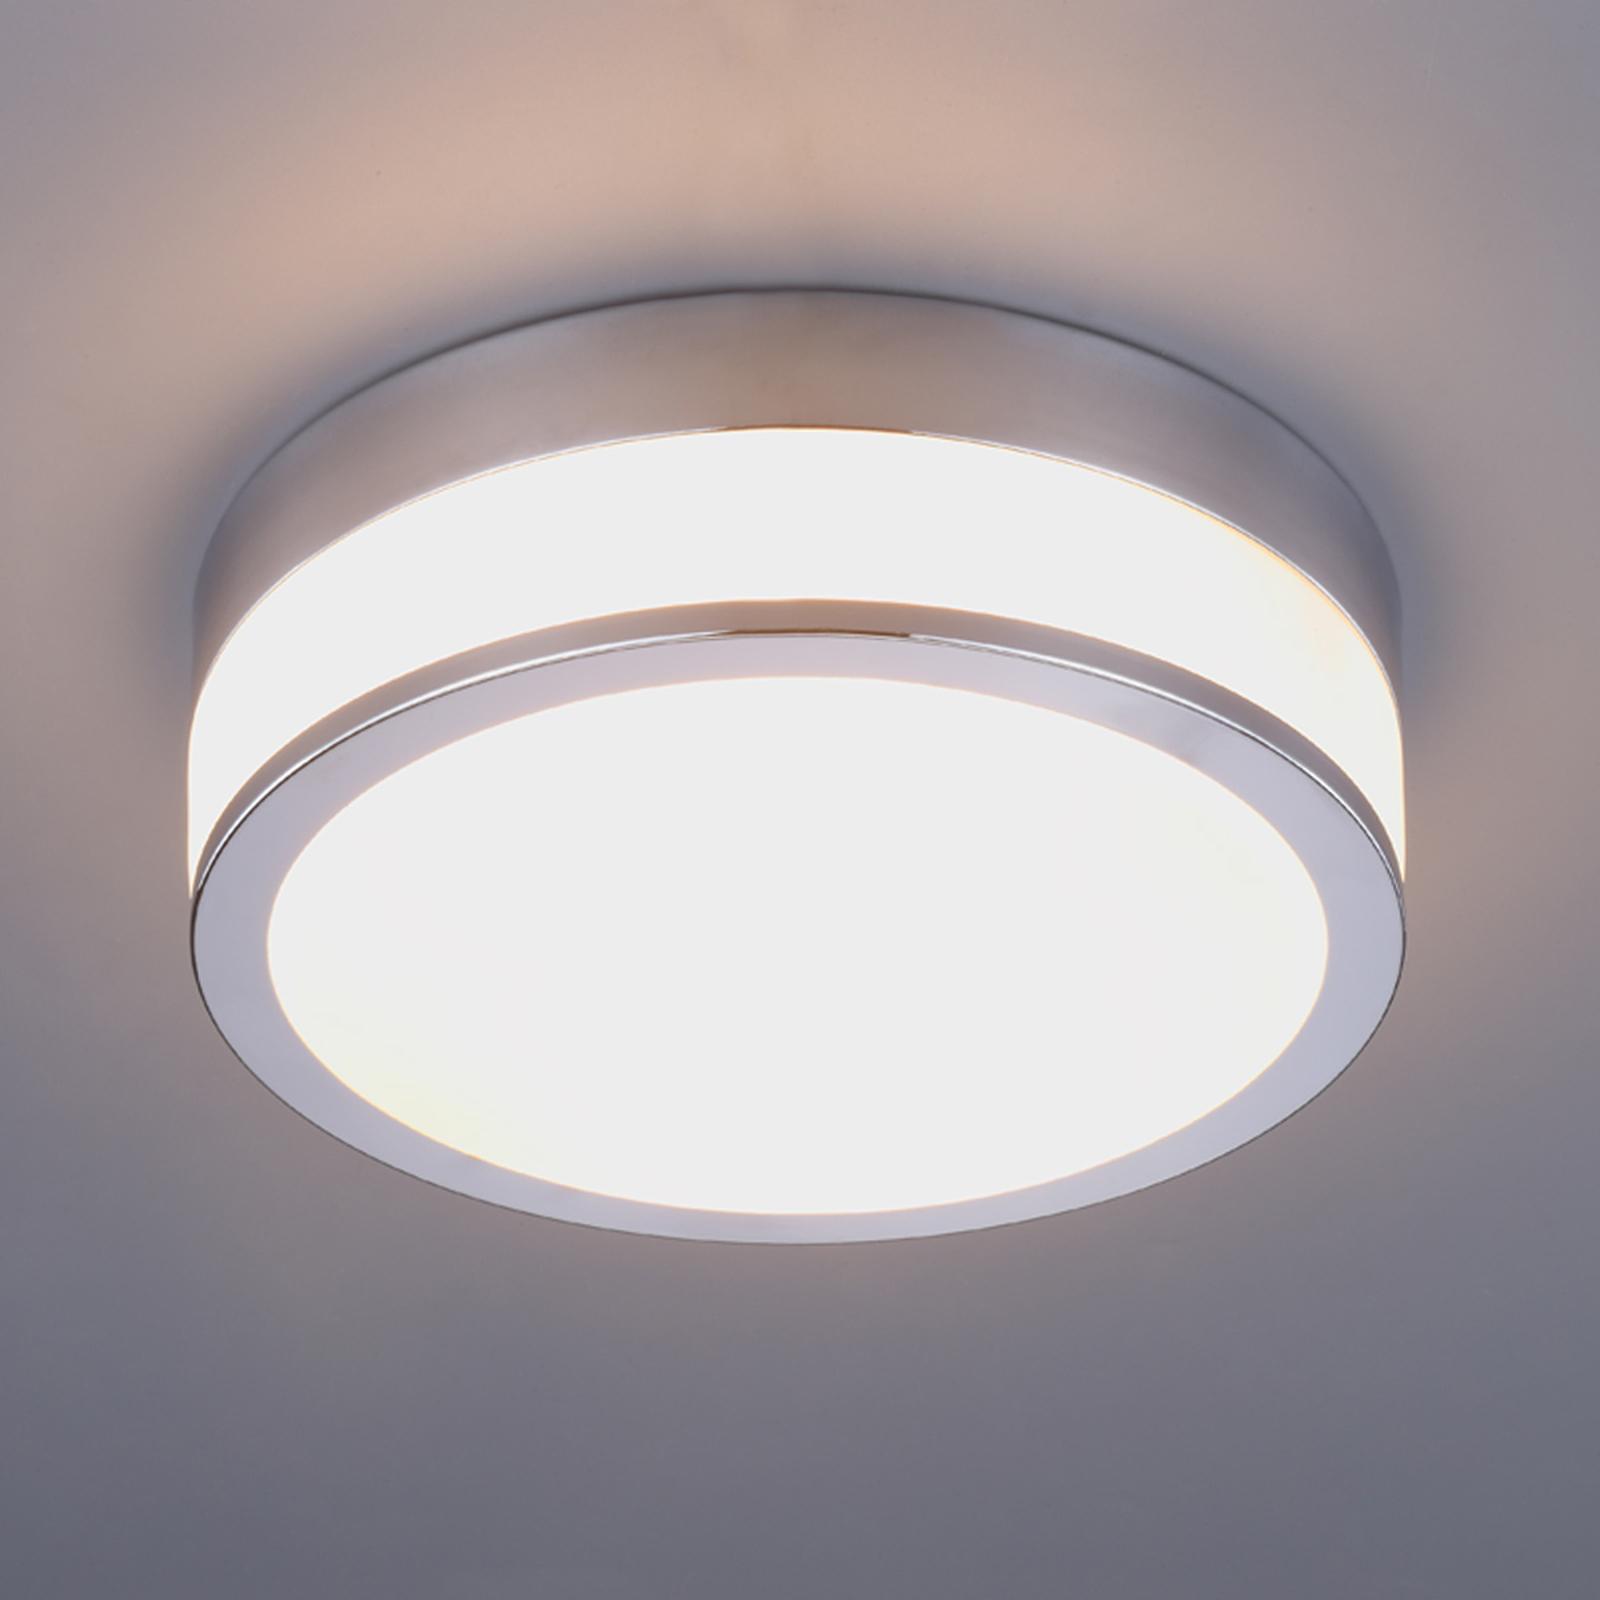 Deckenleuchte Flavi Chrom Badezimmerlampe Lampenwelt Bad Deckenlampe IP44